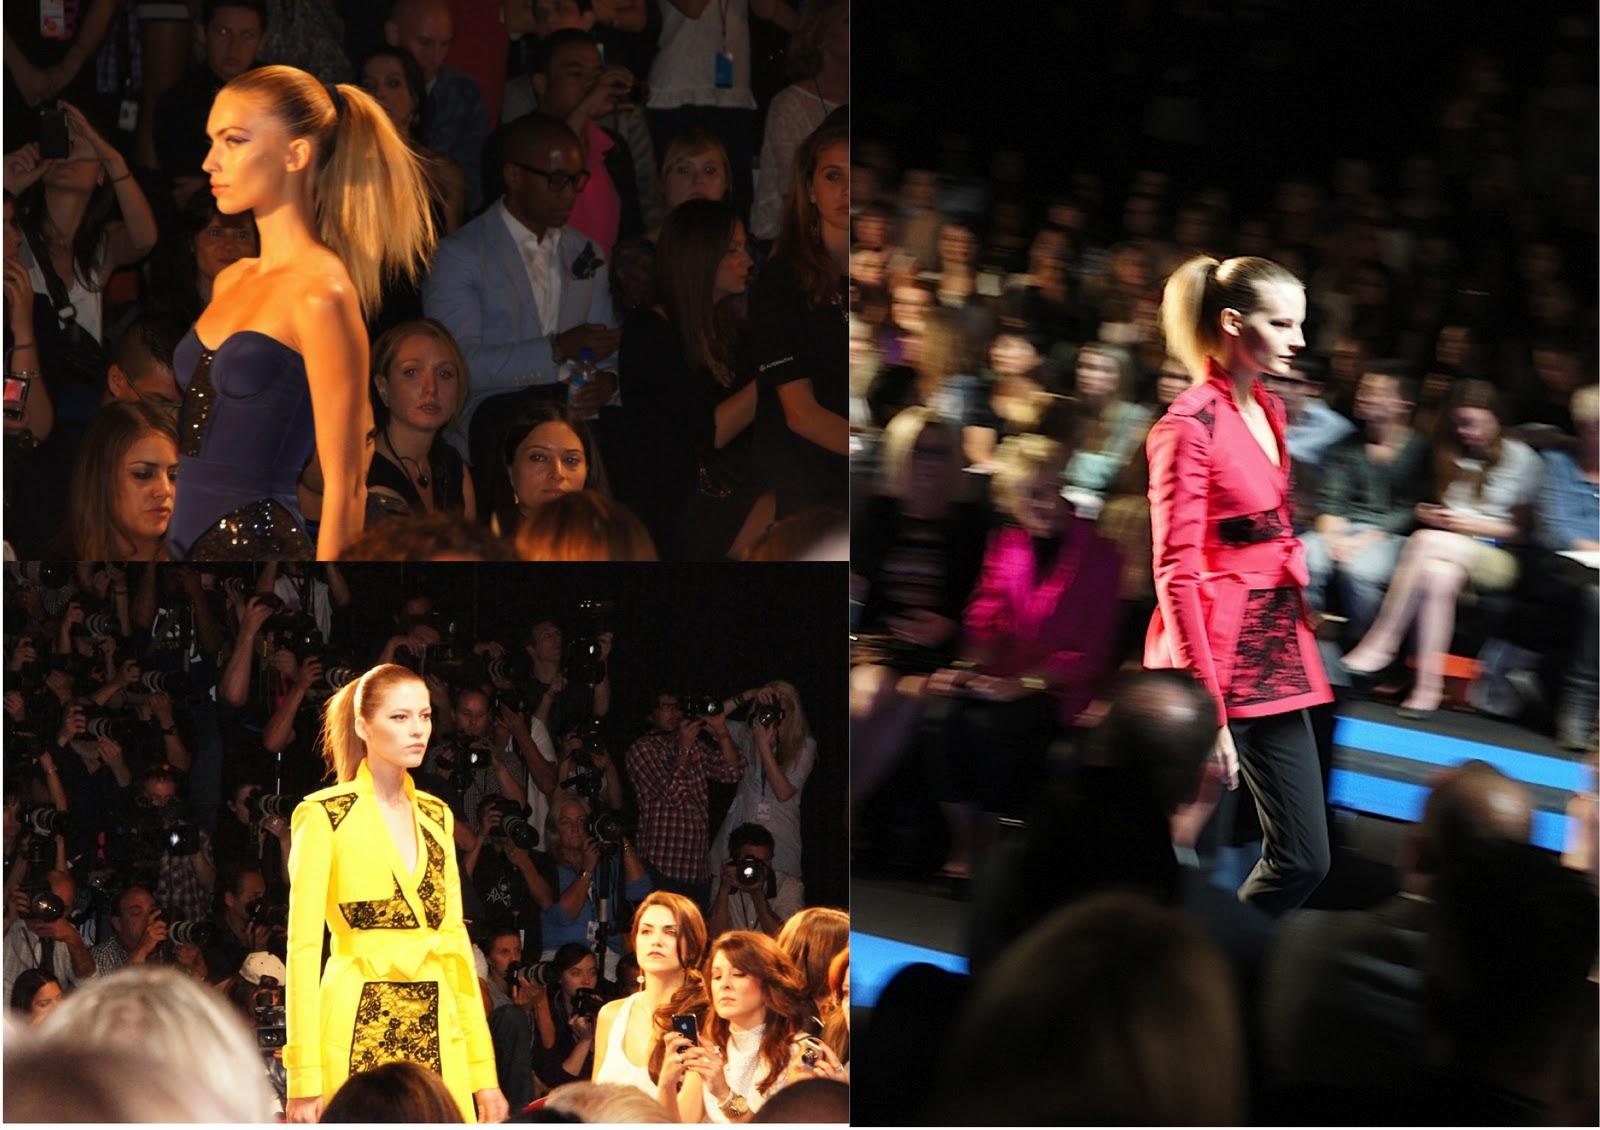 http://4.bp.blogspot.com/-bvfunqUgvEE/TnLwbGCSrXI/AAAAAAAAAY4/VRACEp1eAZU/s1600/Binzento+Vincente+Monique+Lhuillier+.jpg